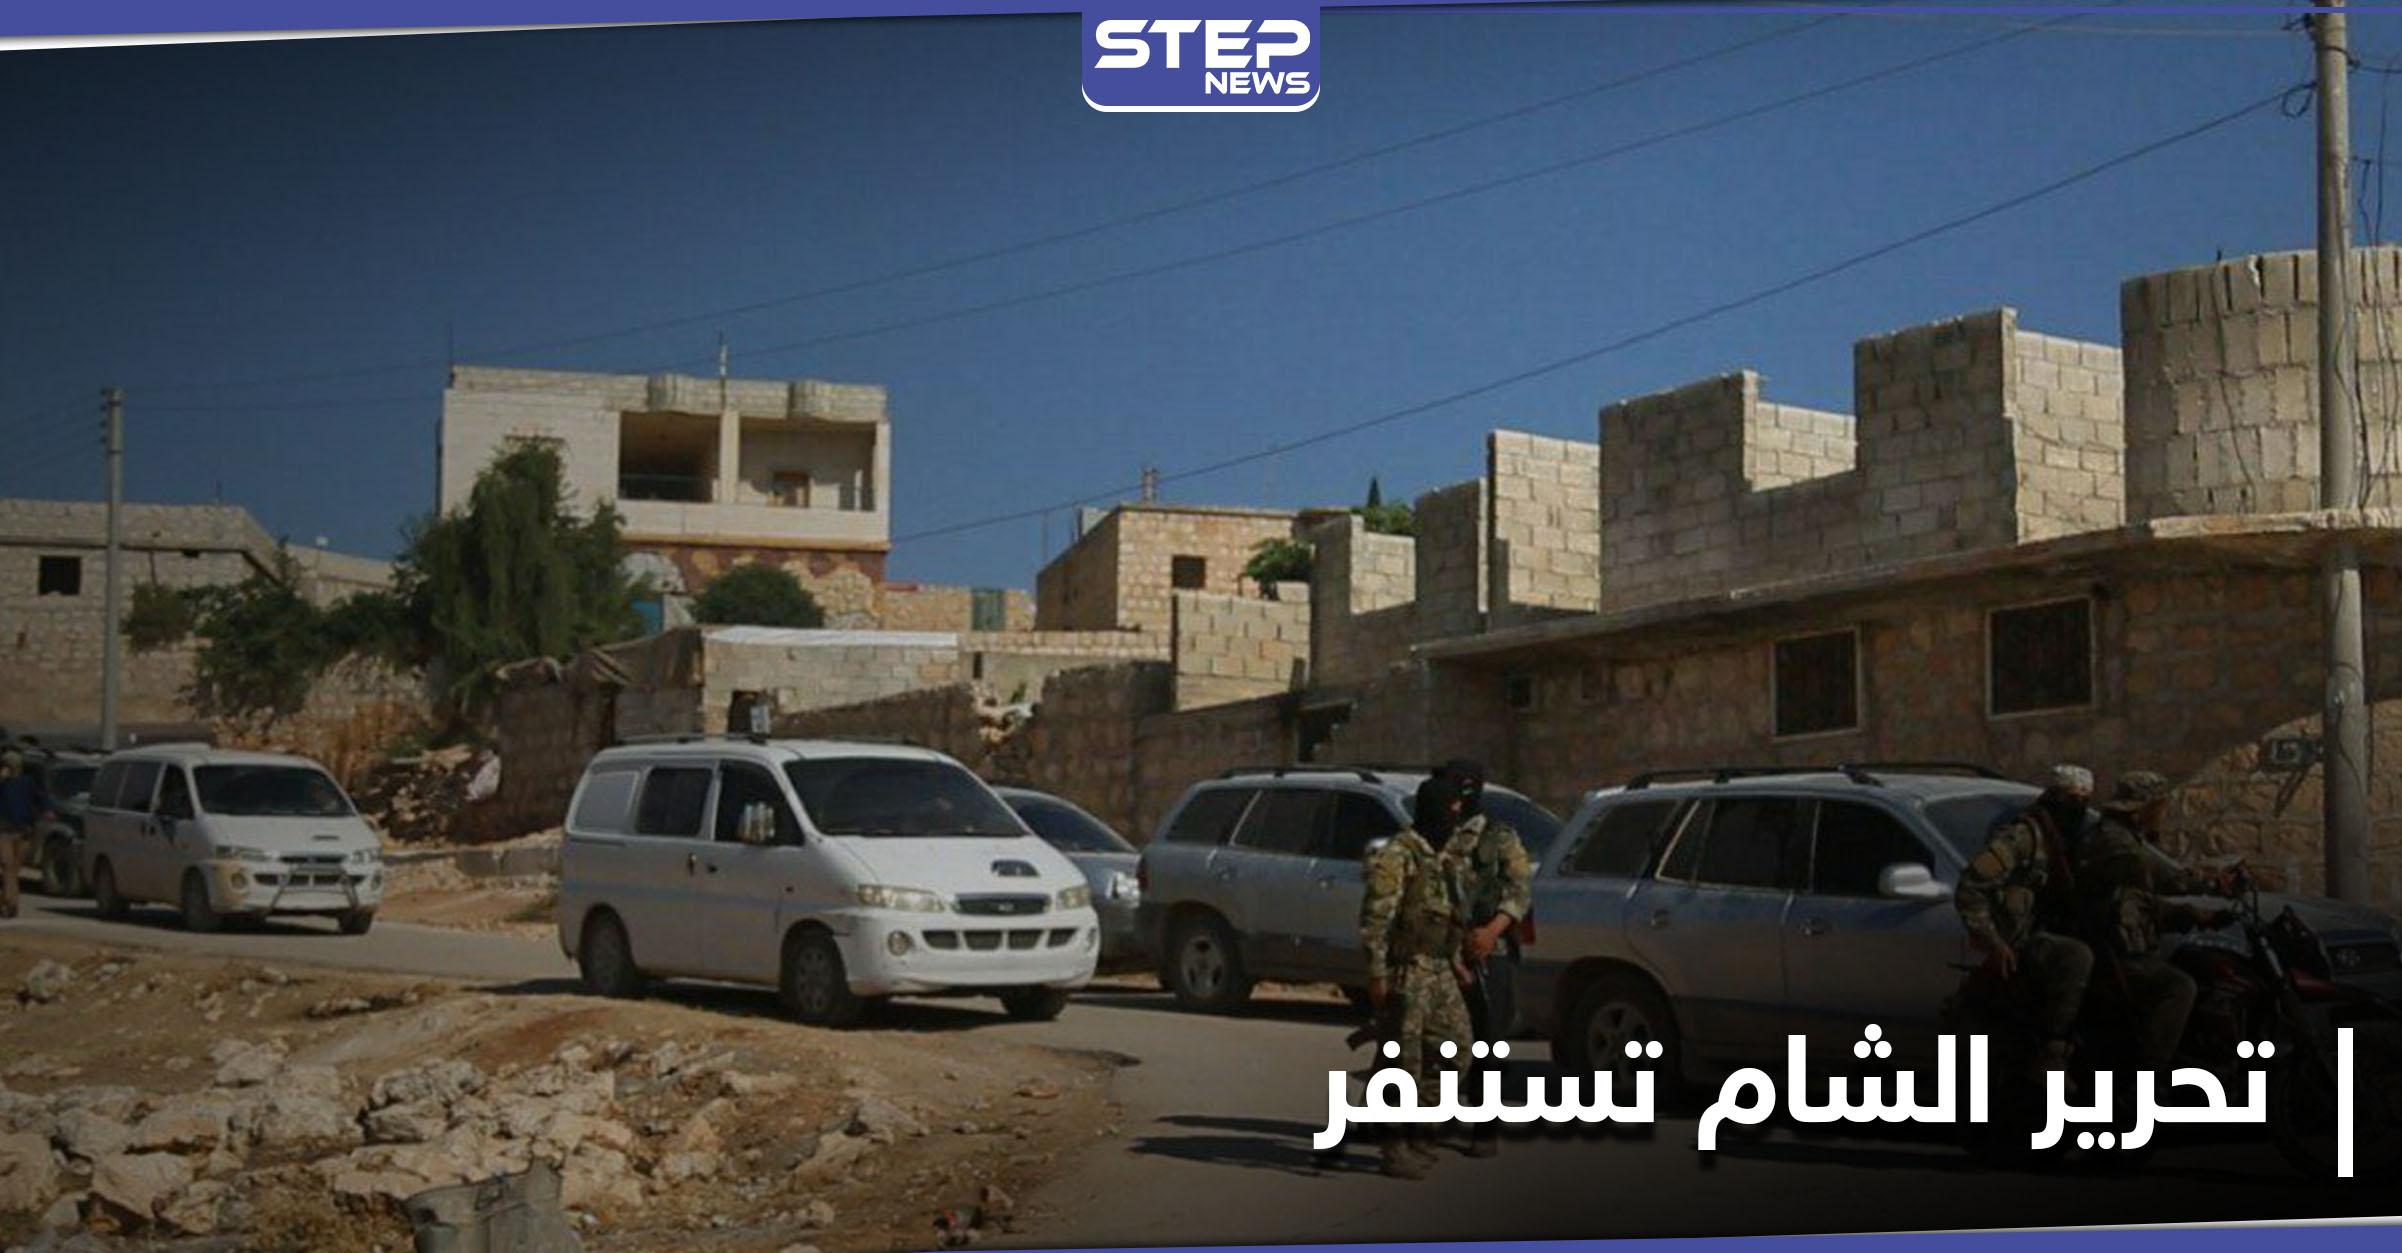 تحرير الشام تستنفر وتنشر حواجزها بـ بلدة الفوعة شمال إدلب